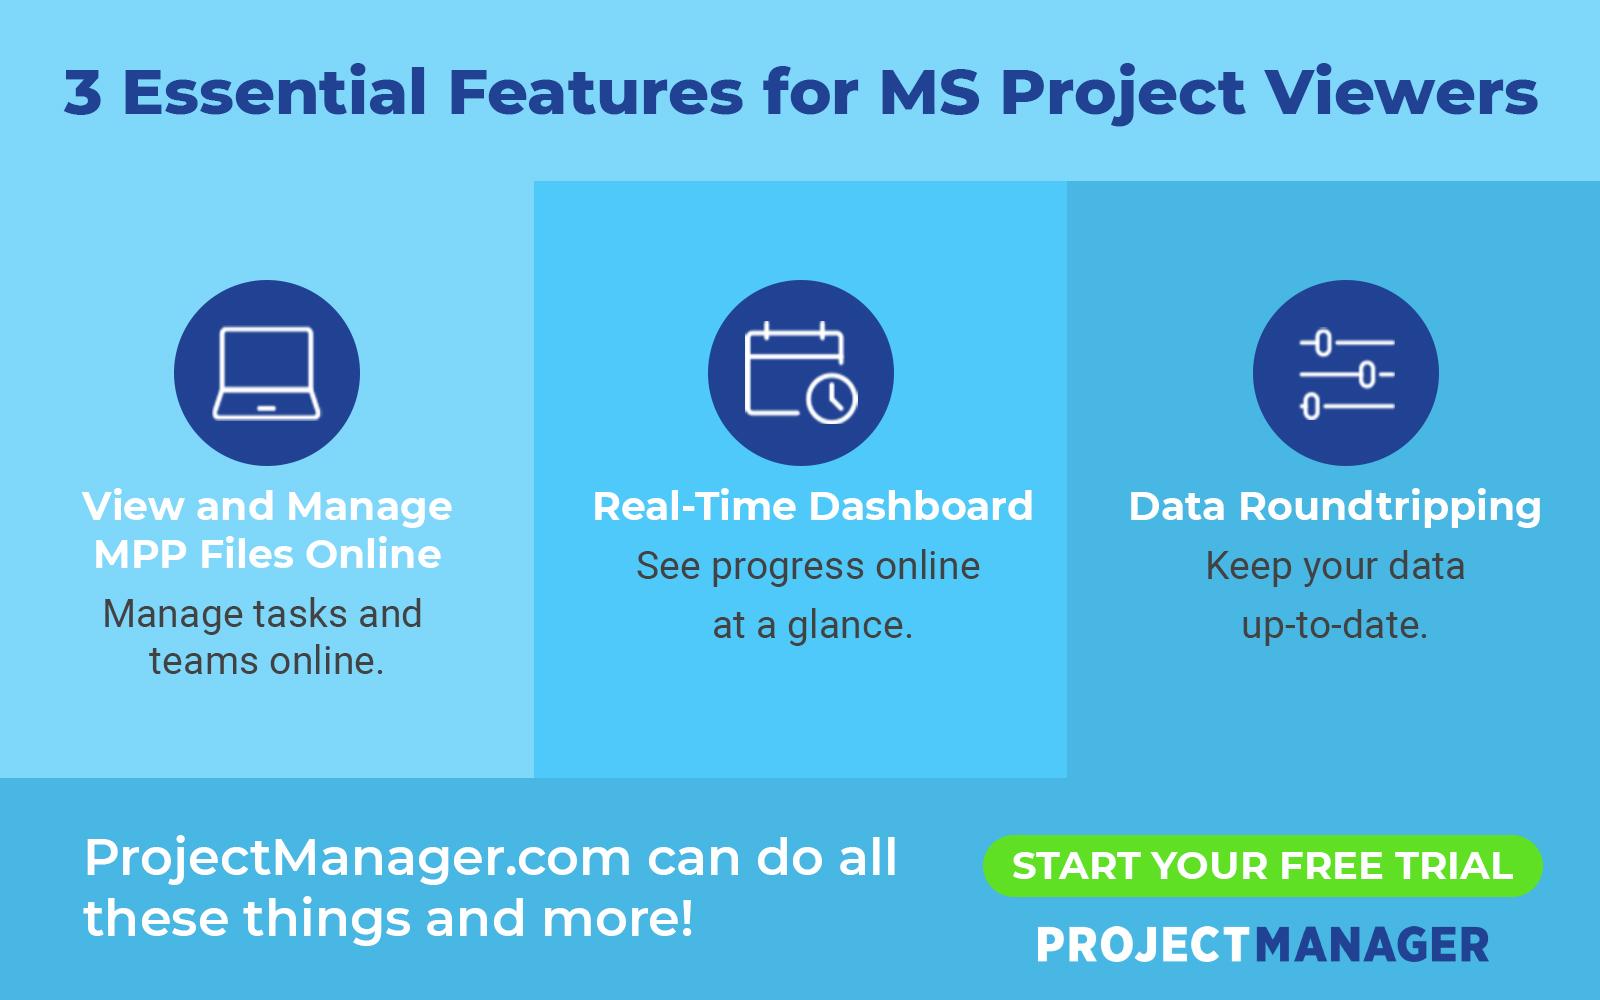 3 Funciones esenciales para los visores de MS Project